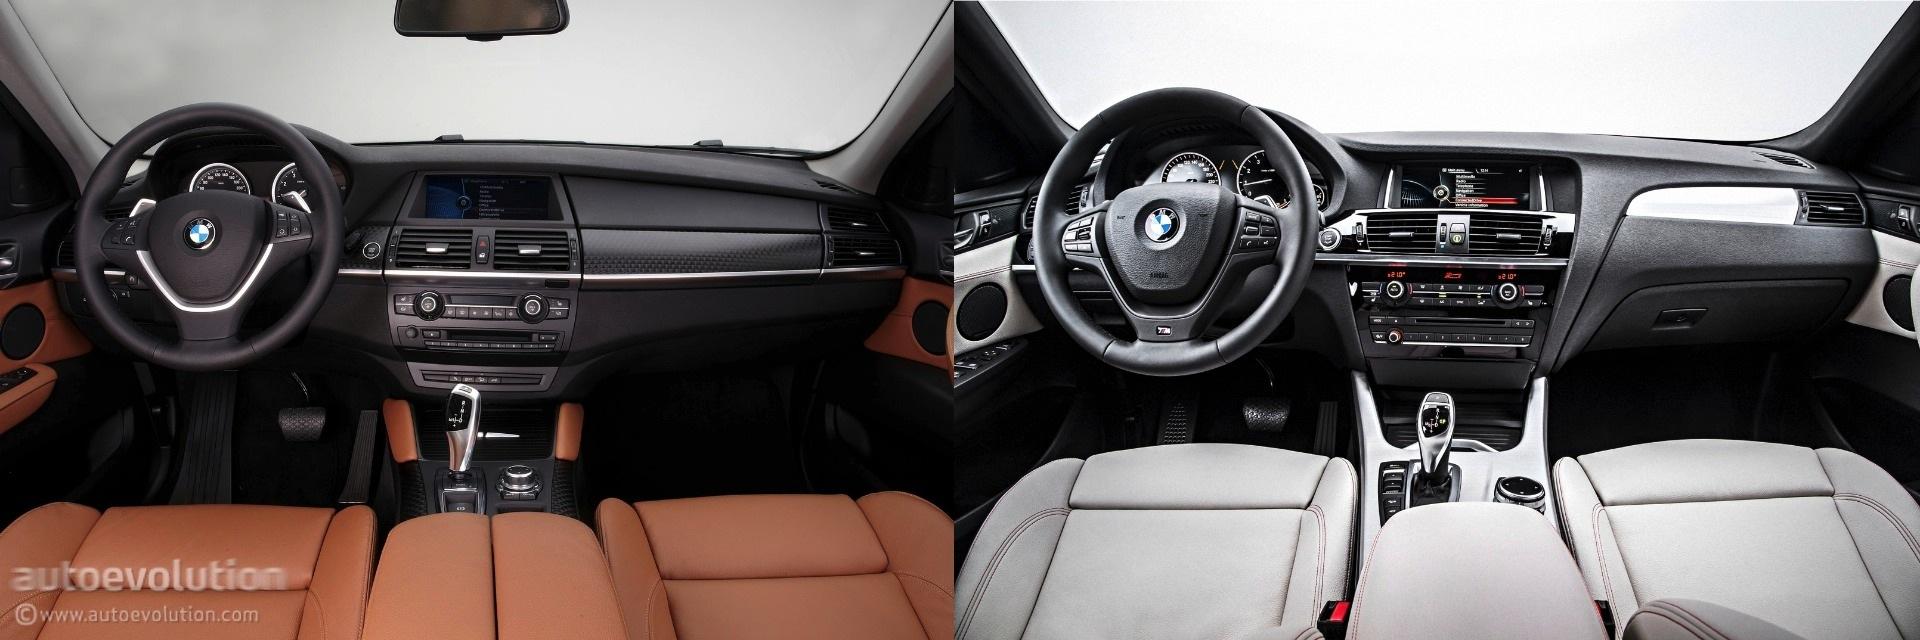 Photo Comparison Bmw F26 X4 Vs Bmw E71 X6 Autoevolution